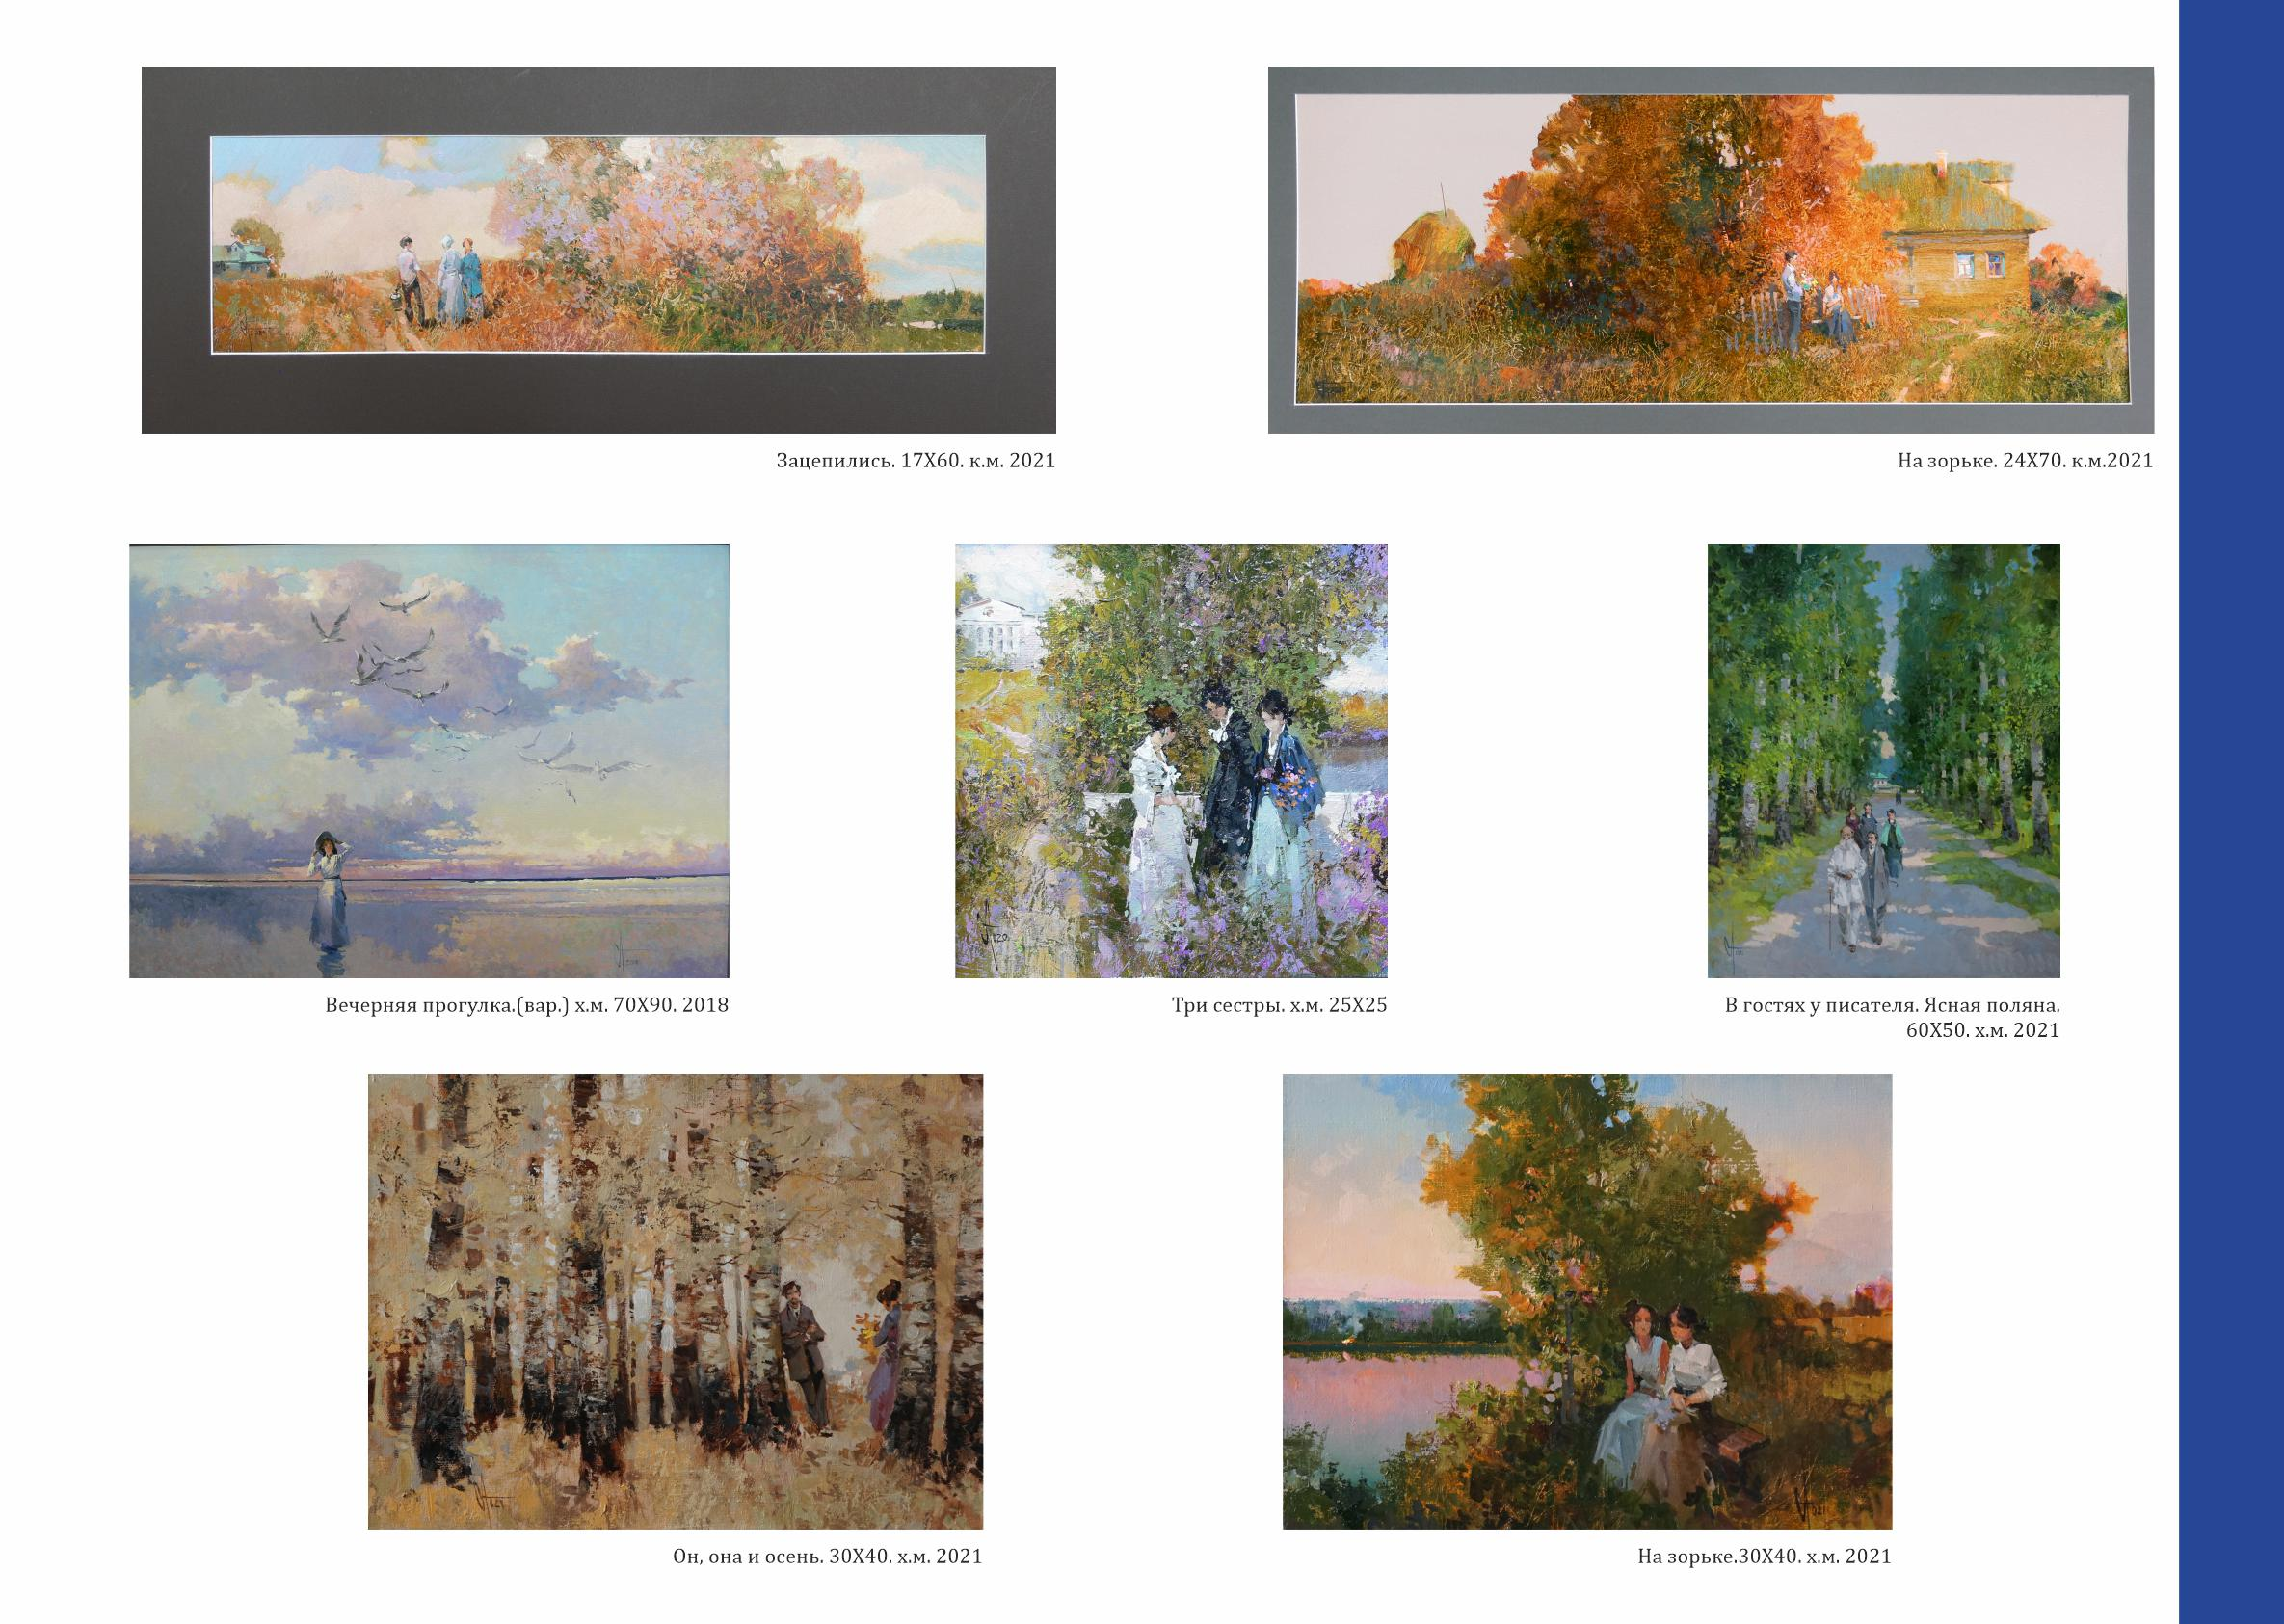 gallery_1_vtoraja-blagotvoritelnaja-vystavka-prodazha-savin-aleksandr-ivanovich-3